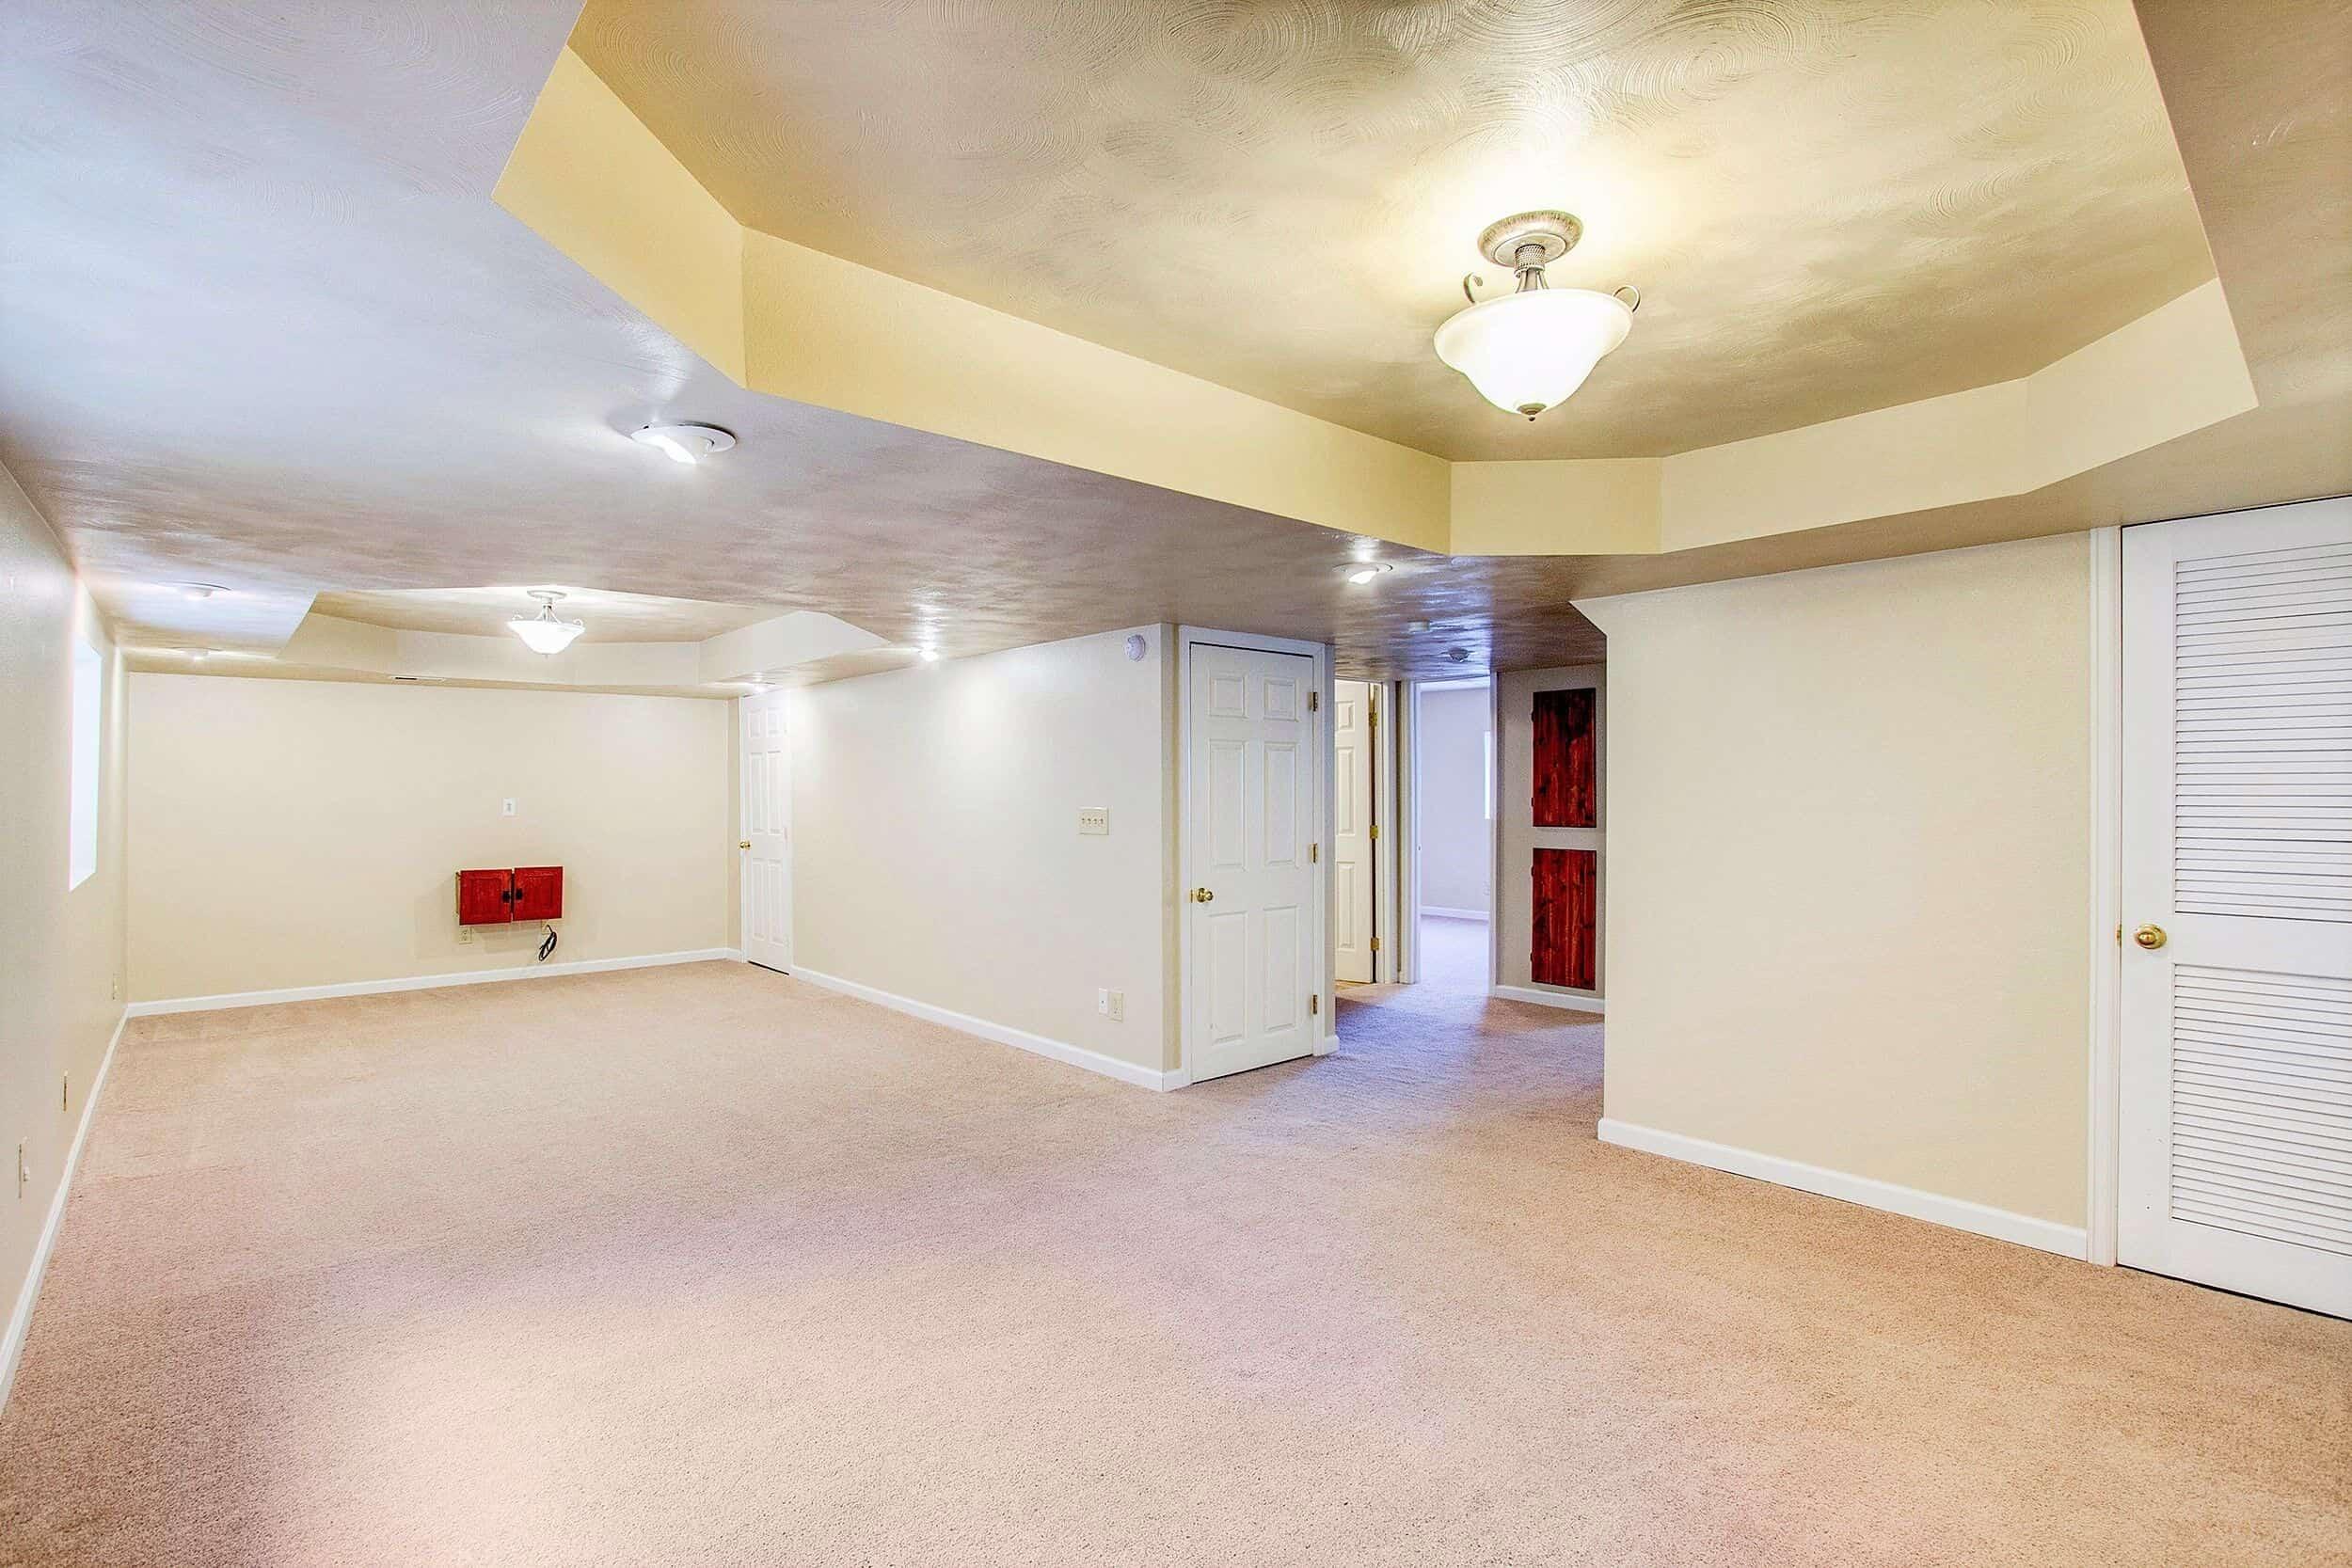 Large Open Basement Family Room